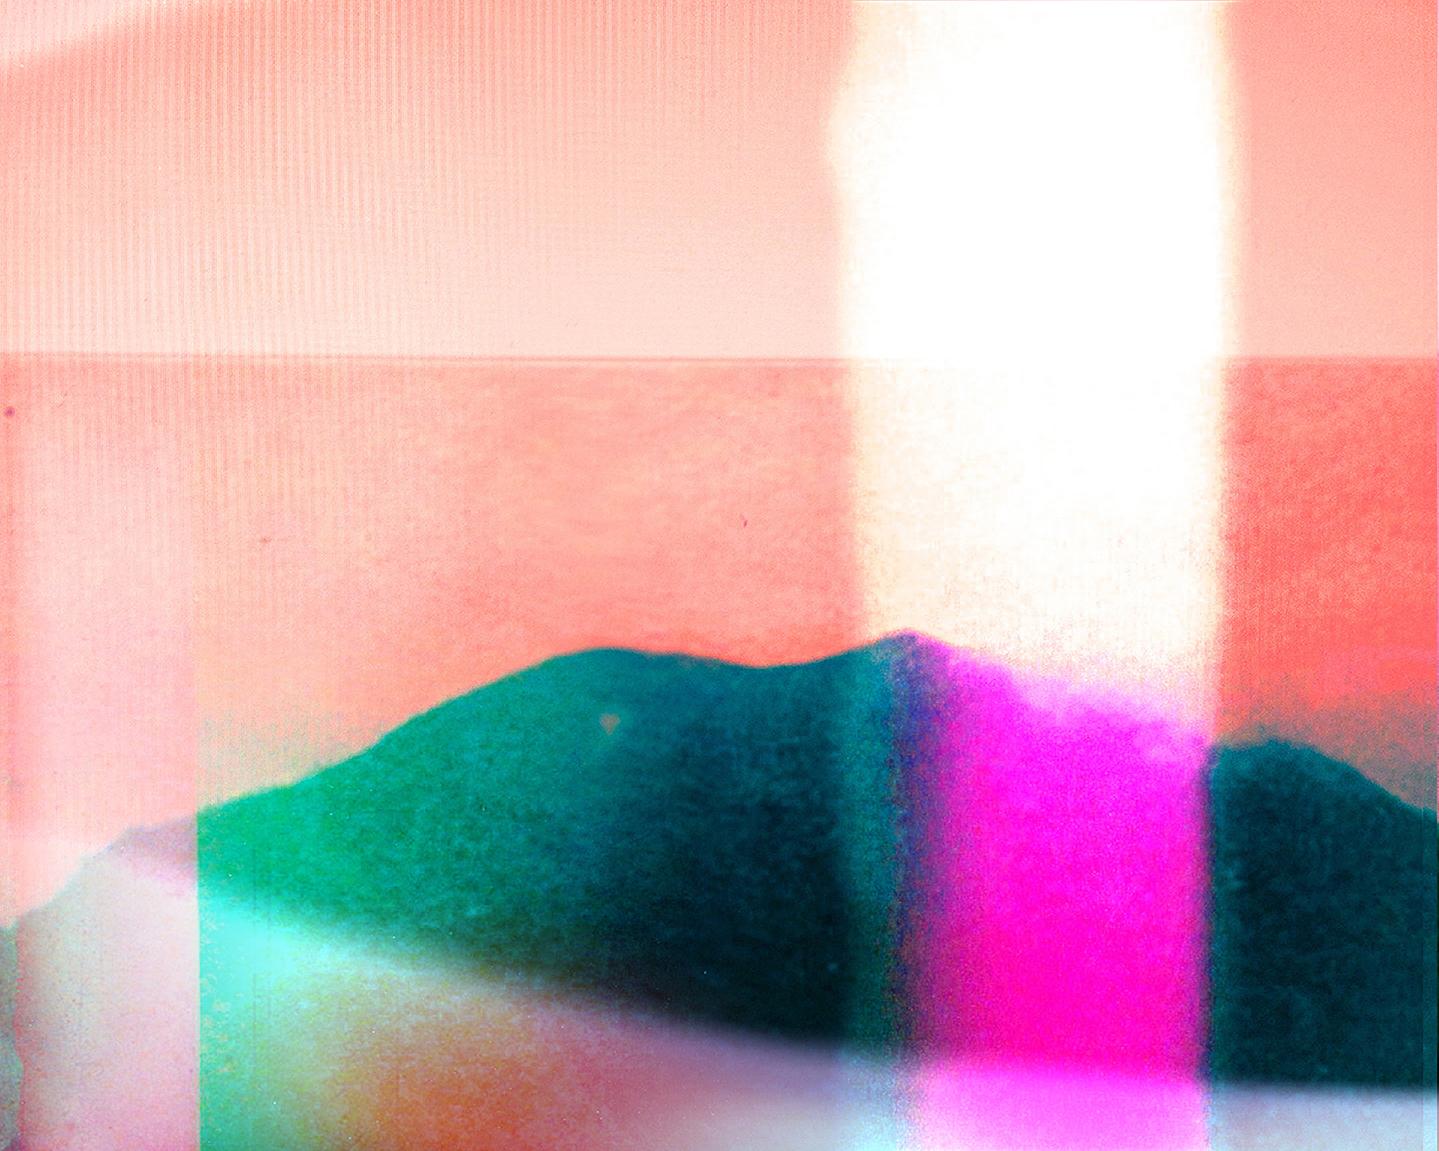 penelope umbrico weston sunset photography lightleak iphone apps edit